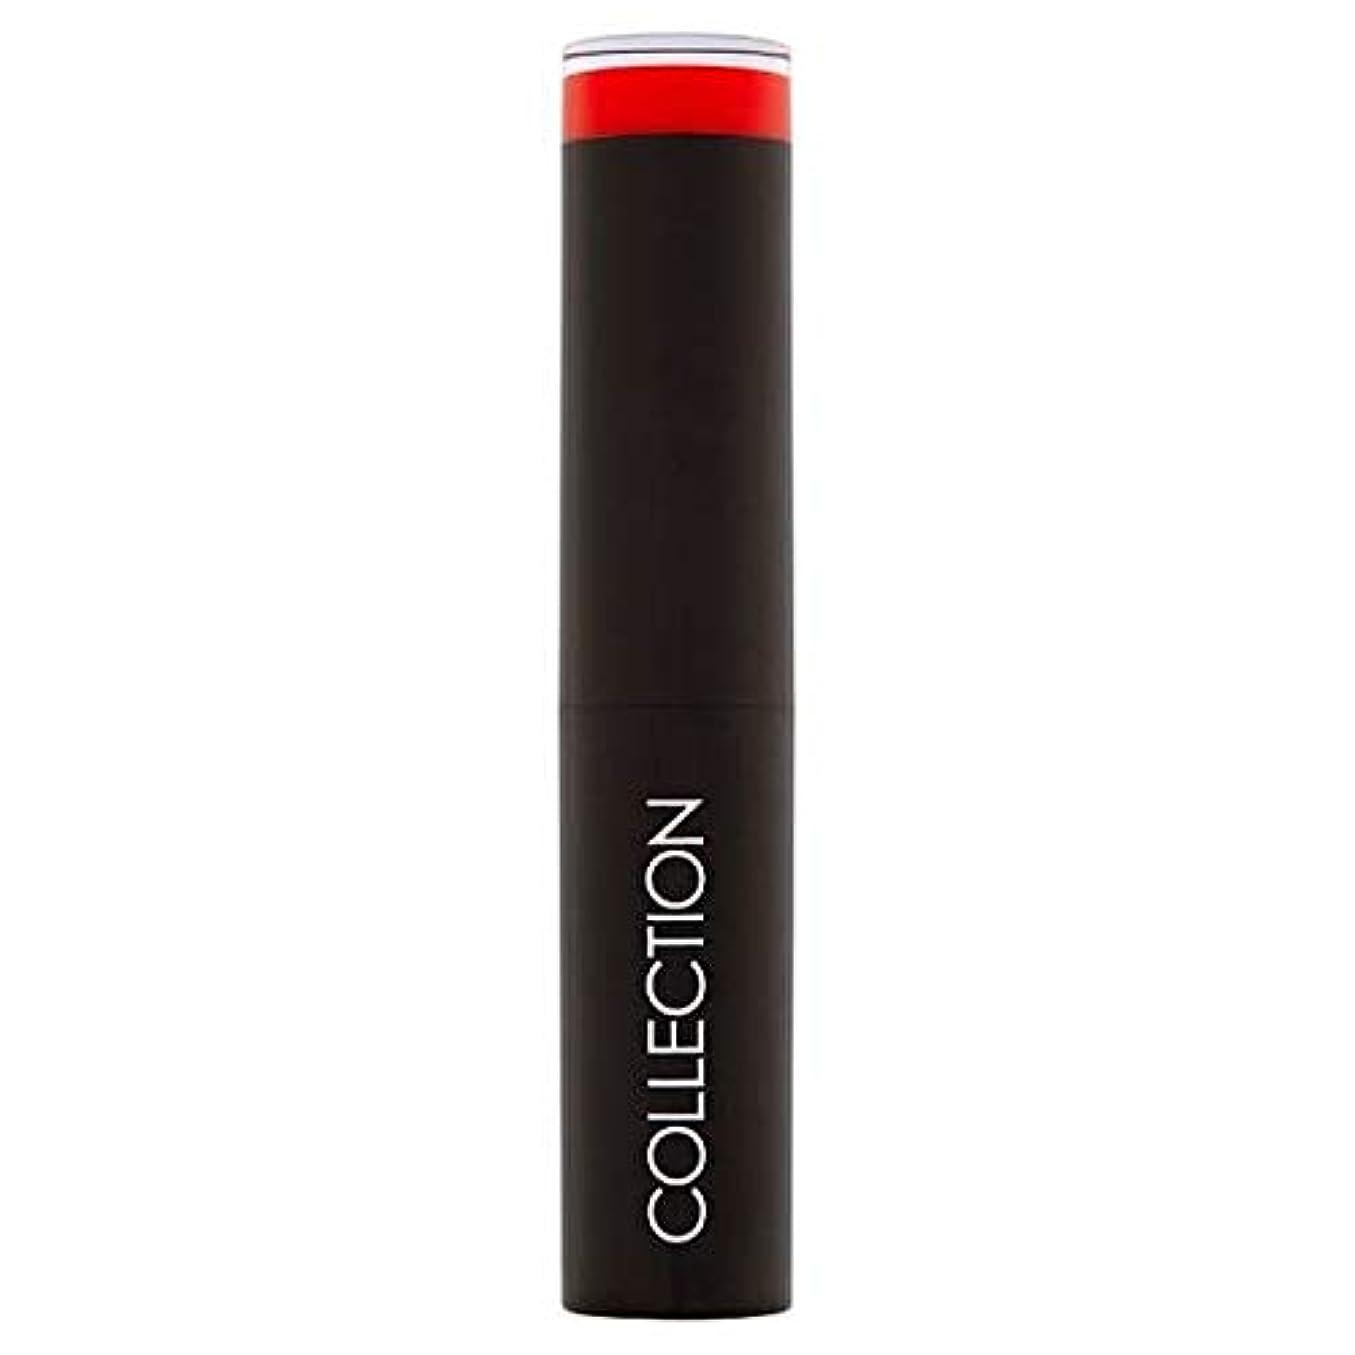 山岳膨らみおもちゃ[Collection ] 7赤コレクション強烈な輝きゲル口紅の映画スター - Collection Intense Shine Gel Lipstick Movie Star Red 7 [並行輸入品]